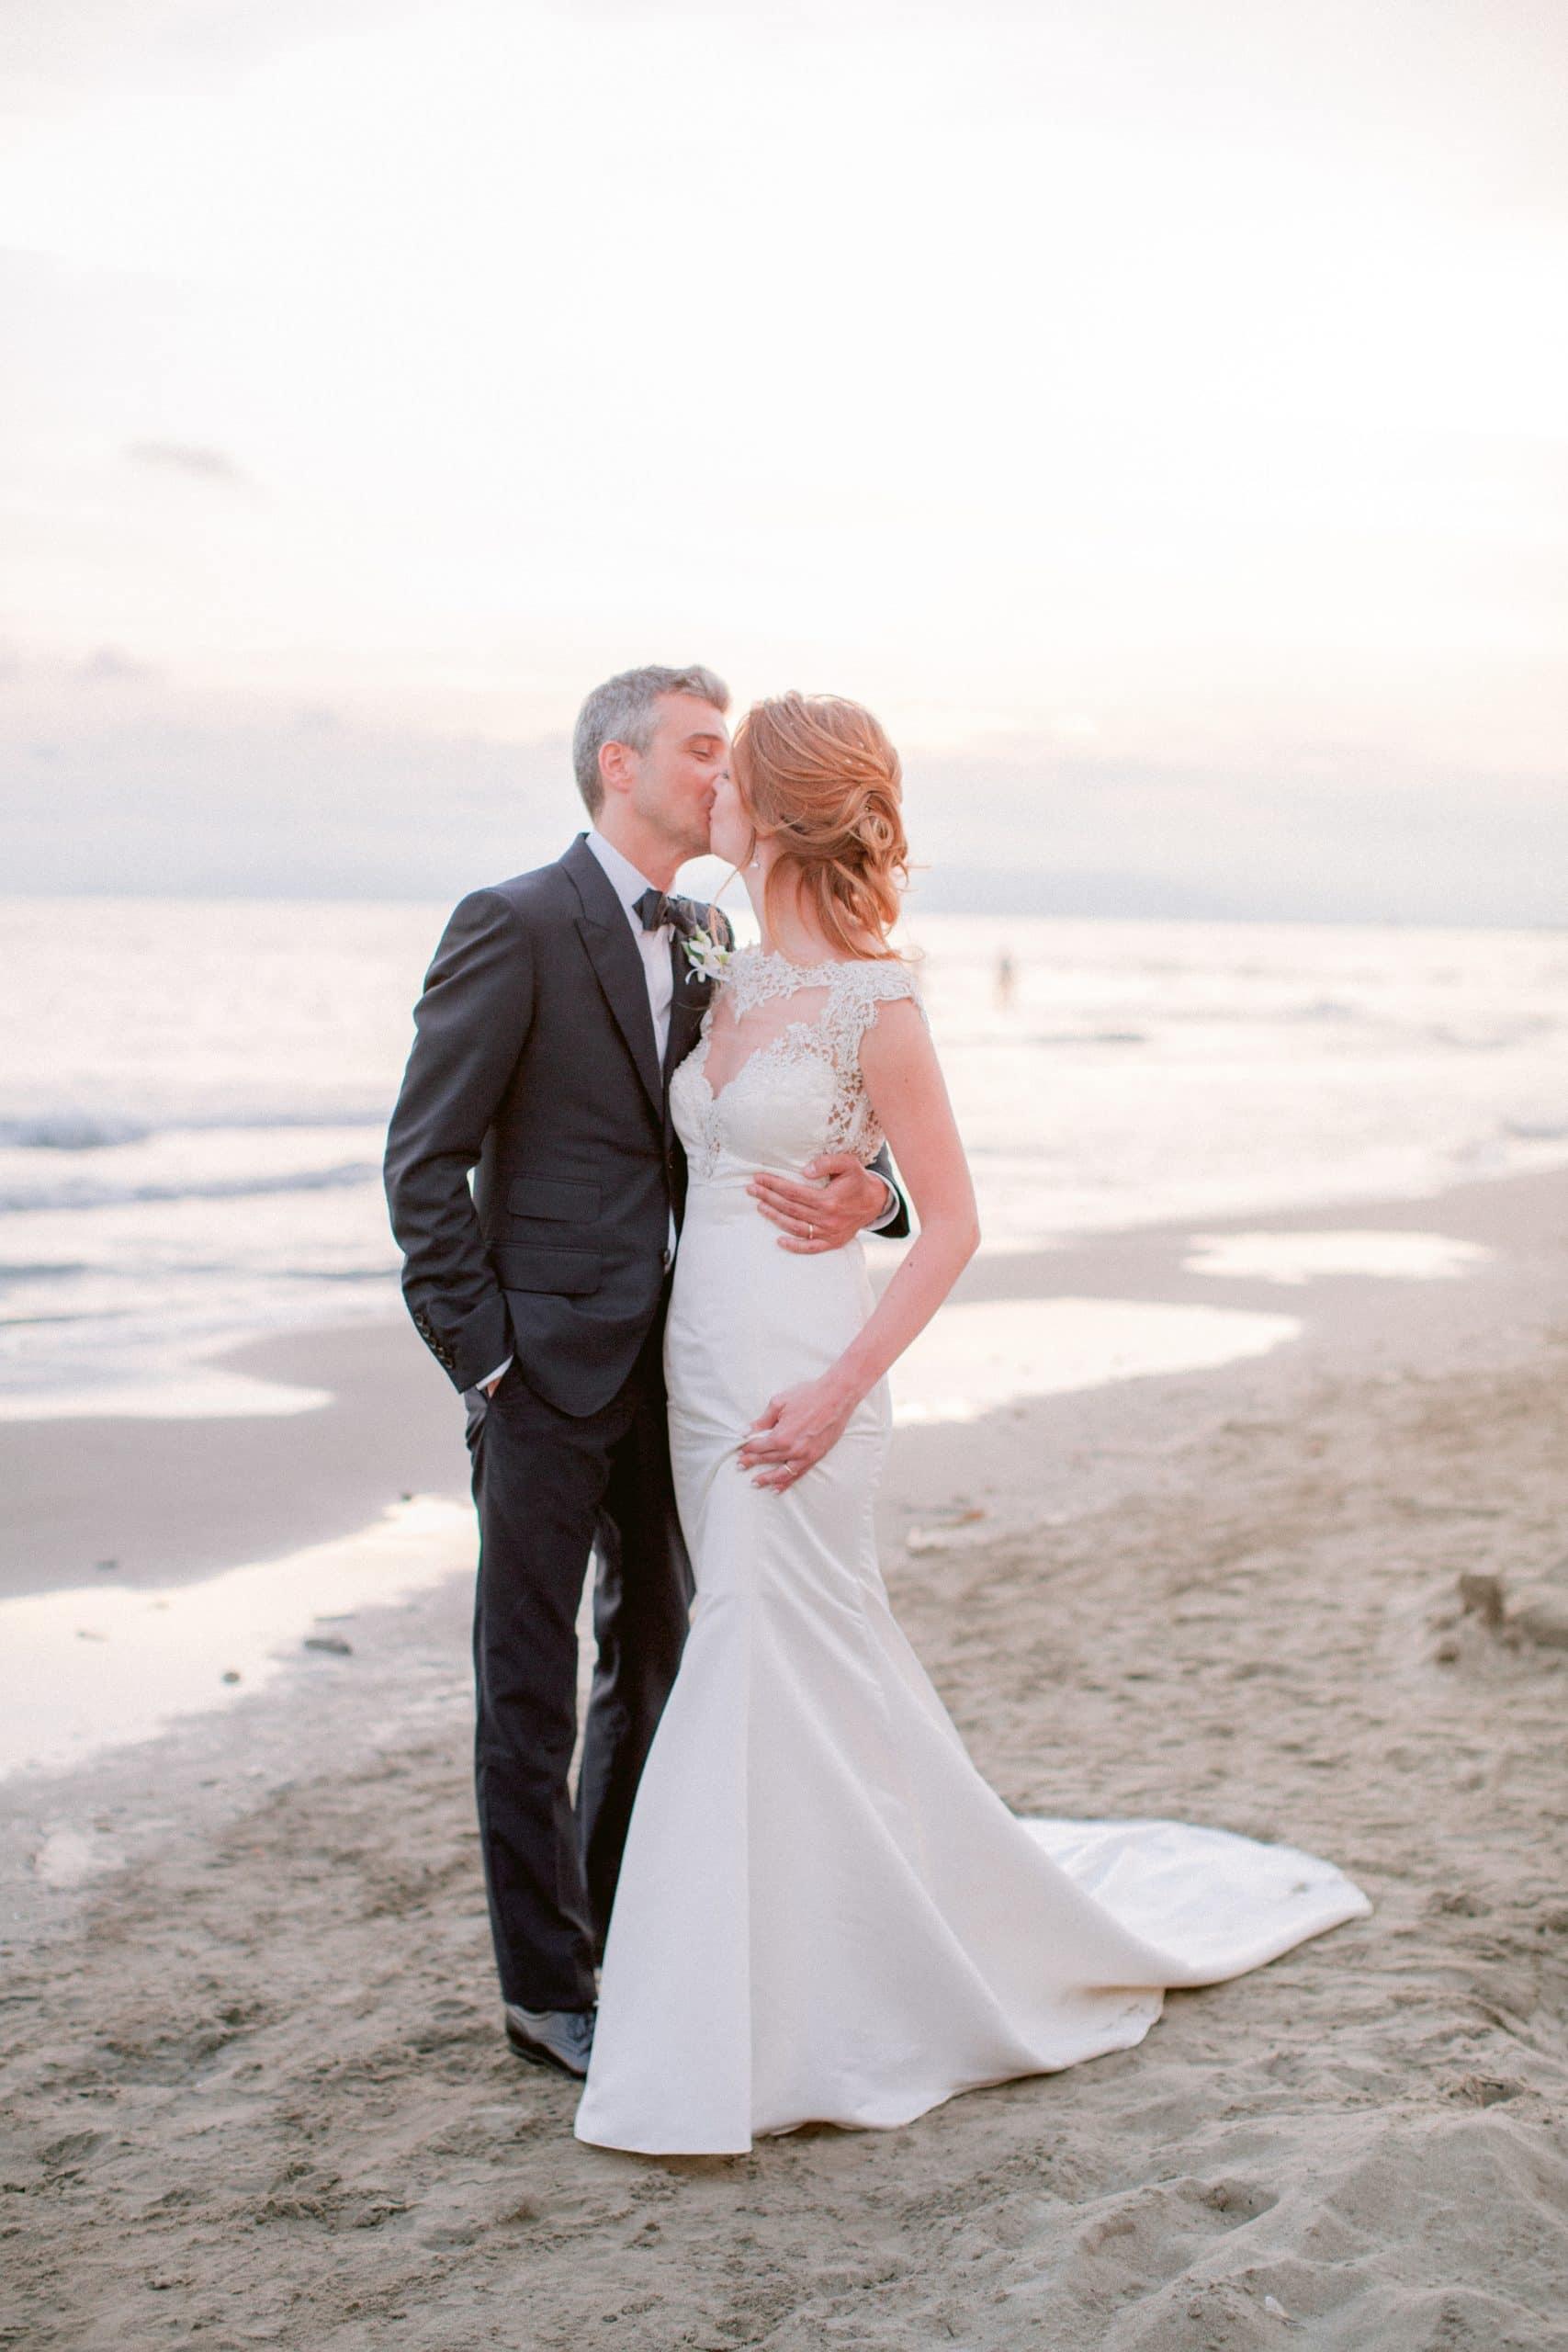 una passeggiata sulla spiaggia al tramonto da parte di due sposi novelli